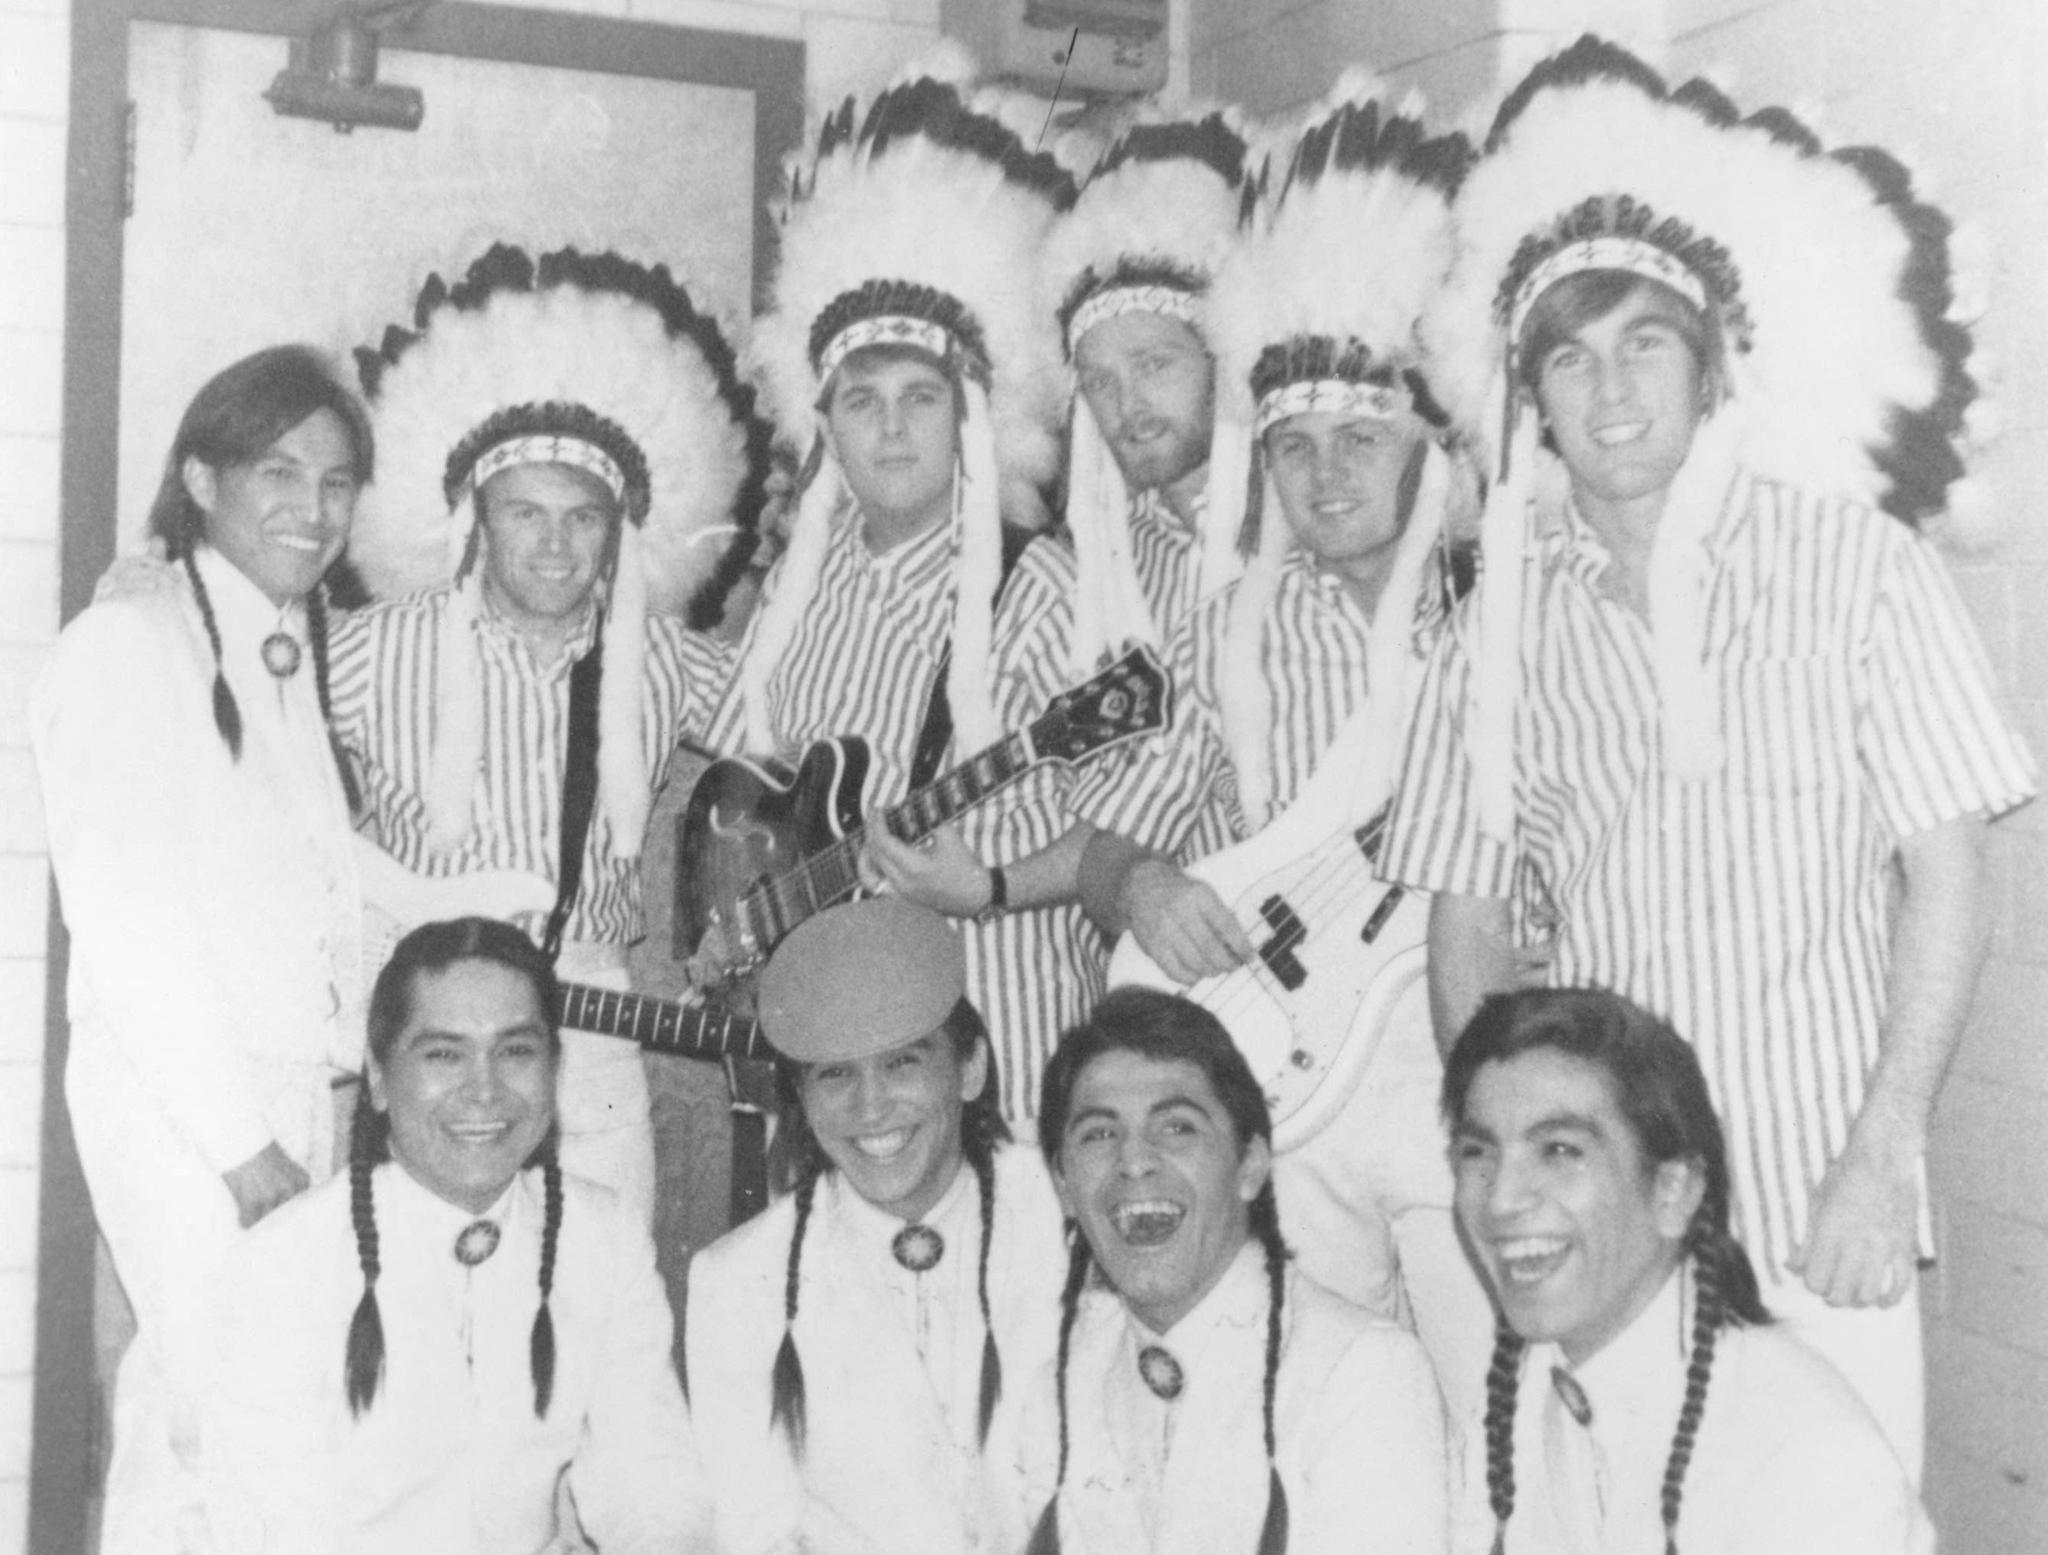 Al Jardine, Bruce Johnston, Mike Love, Carl Wilson, Dennis Wilson, and The Beach Boys in The Beach Boys: An American Band (1985)